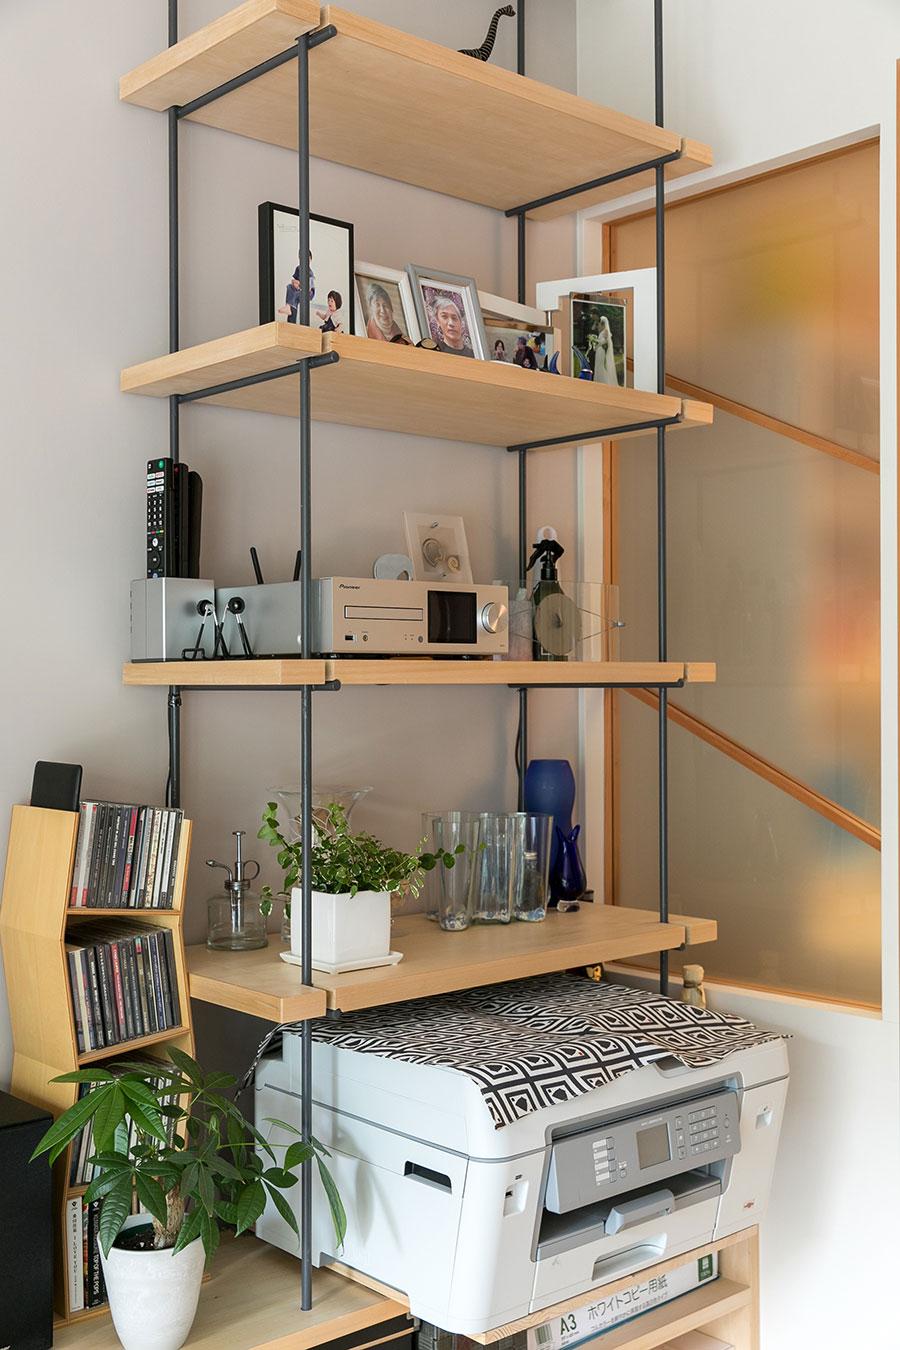 造作の吊り棚。「すっきりした印象を持たせたかったので、なるべく細い素材を考えて、鋼材のスチールバーを採用しました。」(佐々木さん)。